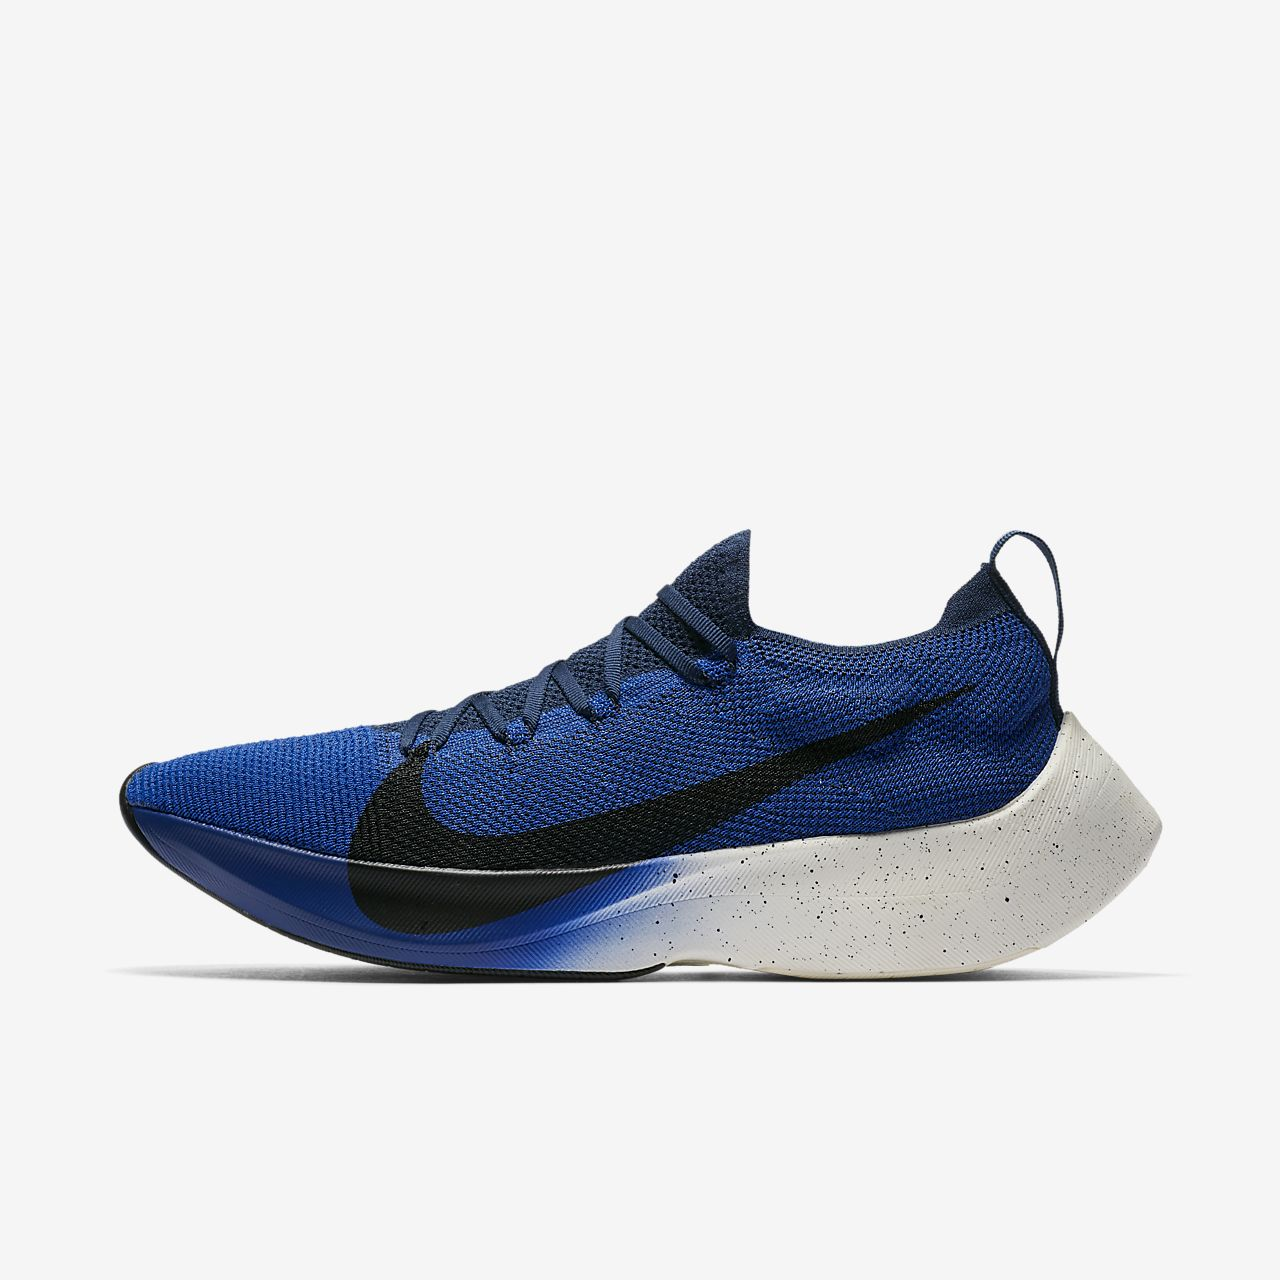 3f38d4b6cead Nike React Vapor Street Flyknit Men s Shoe. Nike.com AE